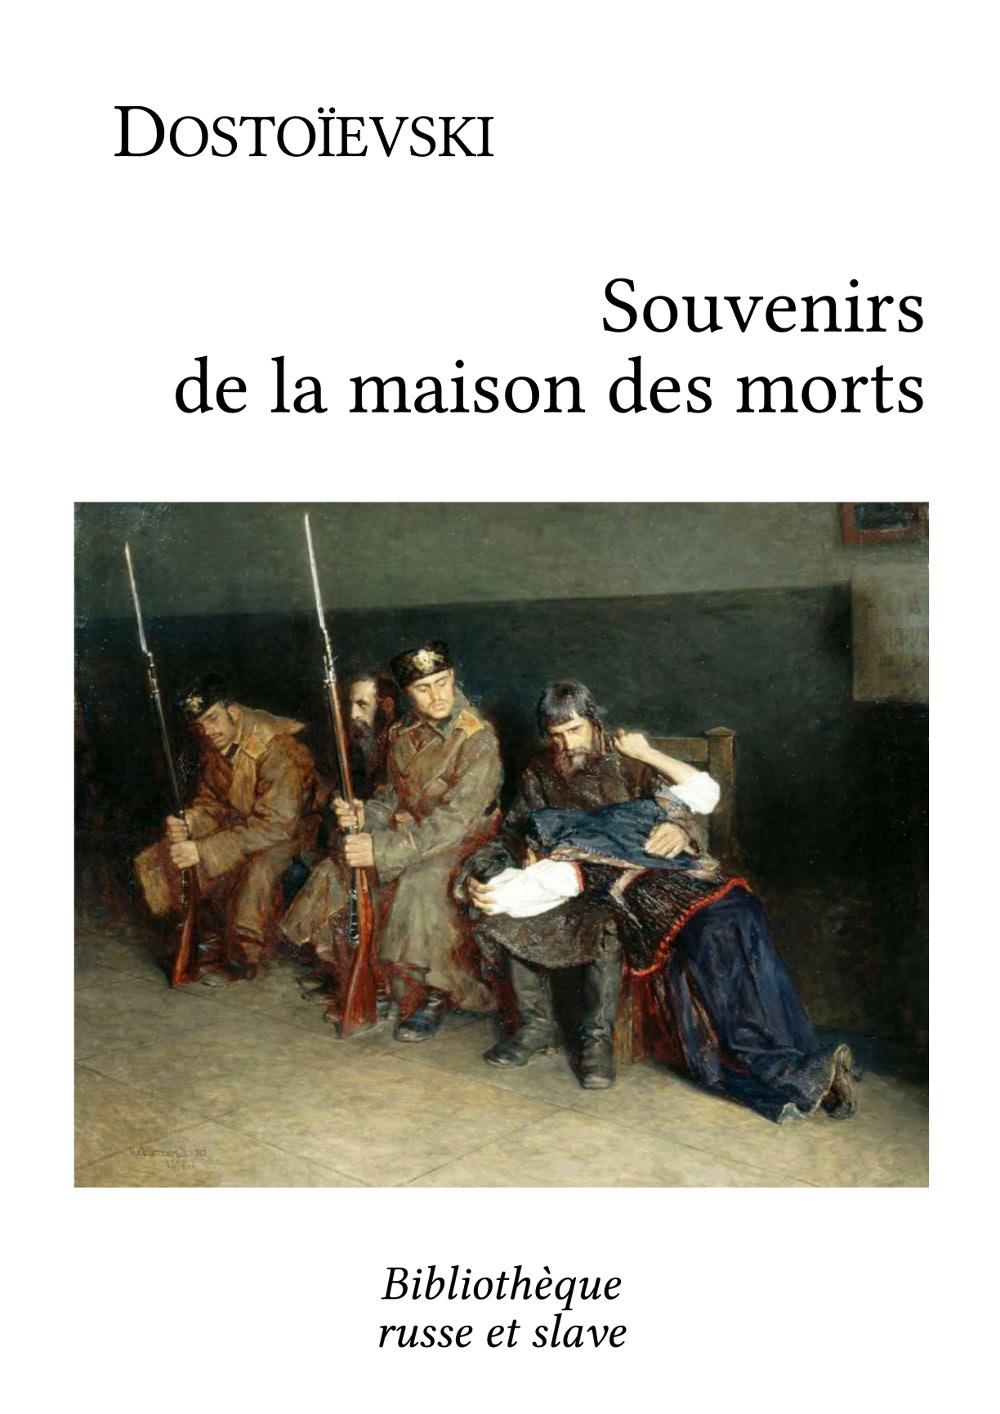 Bibliothque russe et slave - Accueil Facebook